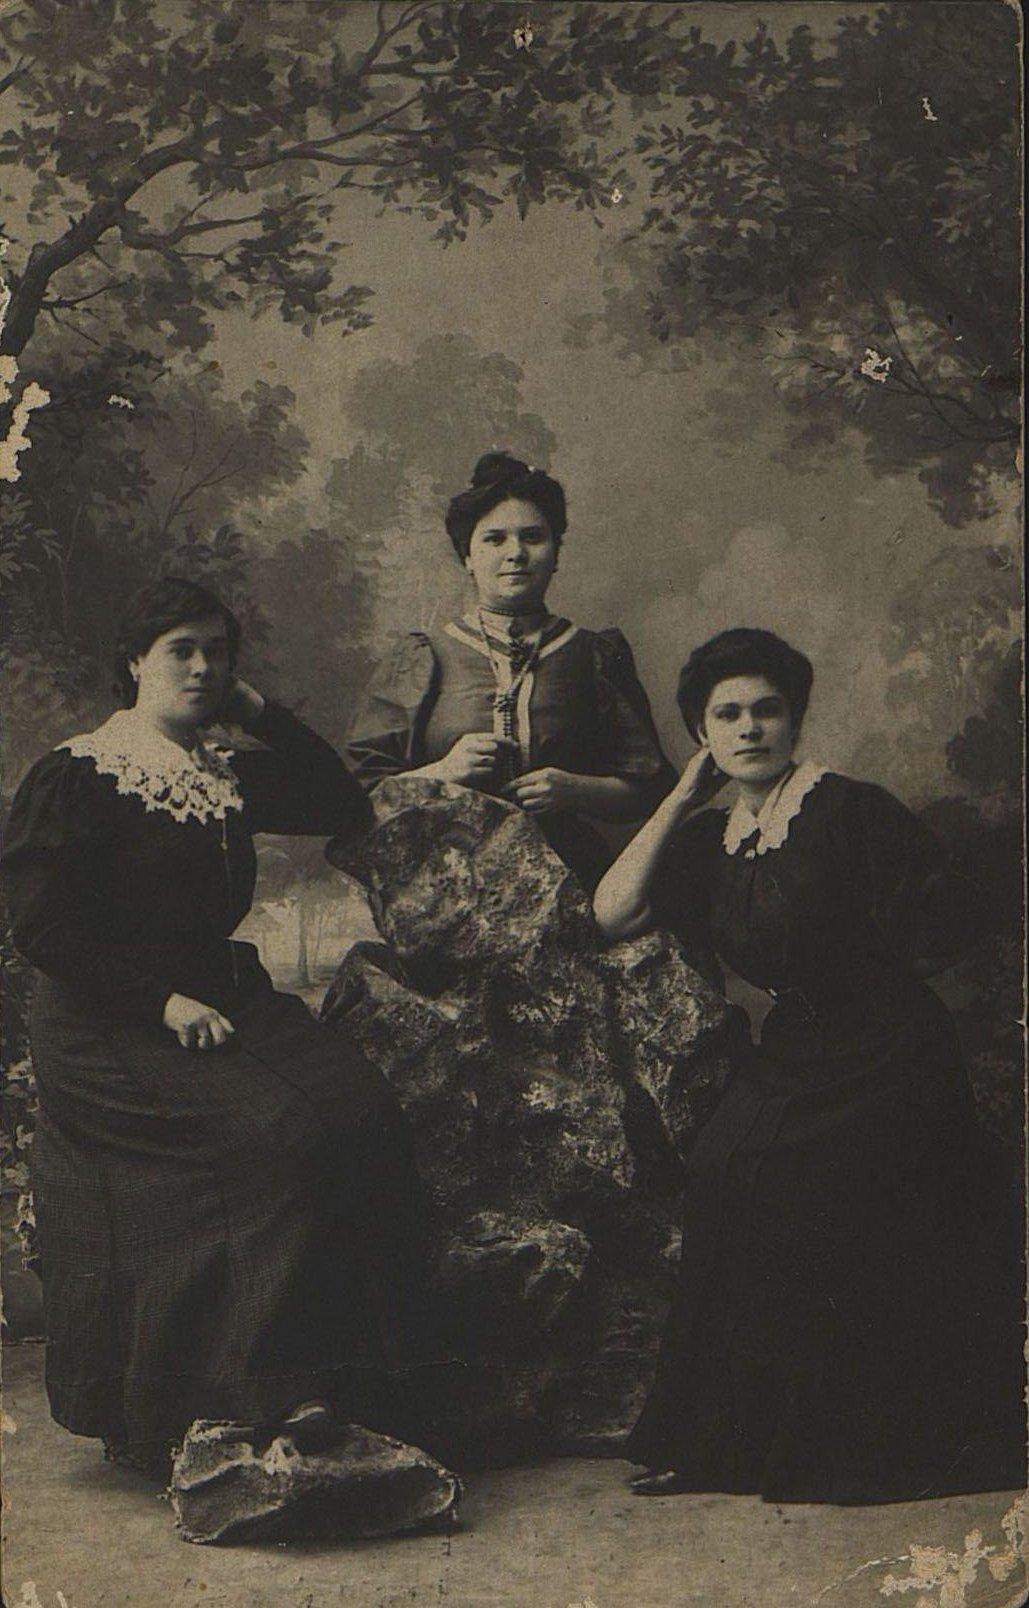 Стасовы Прасковья и Мария Даниловны и Игнатушкина Анна Григорьевна, работницы ведерного цеха завода по обработке белой жести инженера Левина. 1907